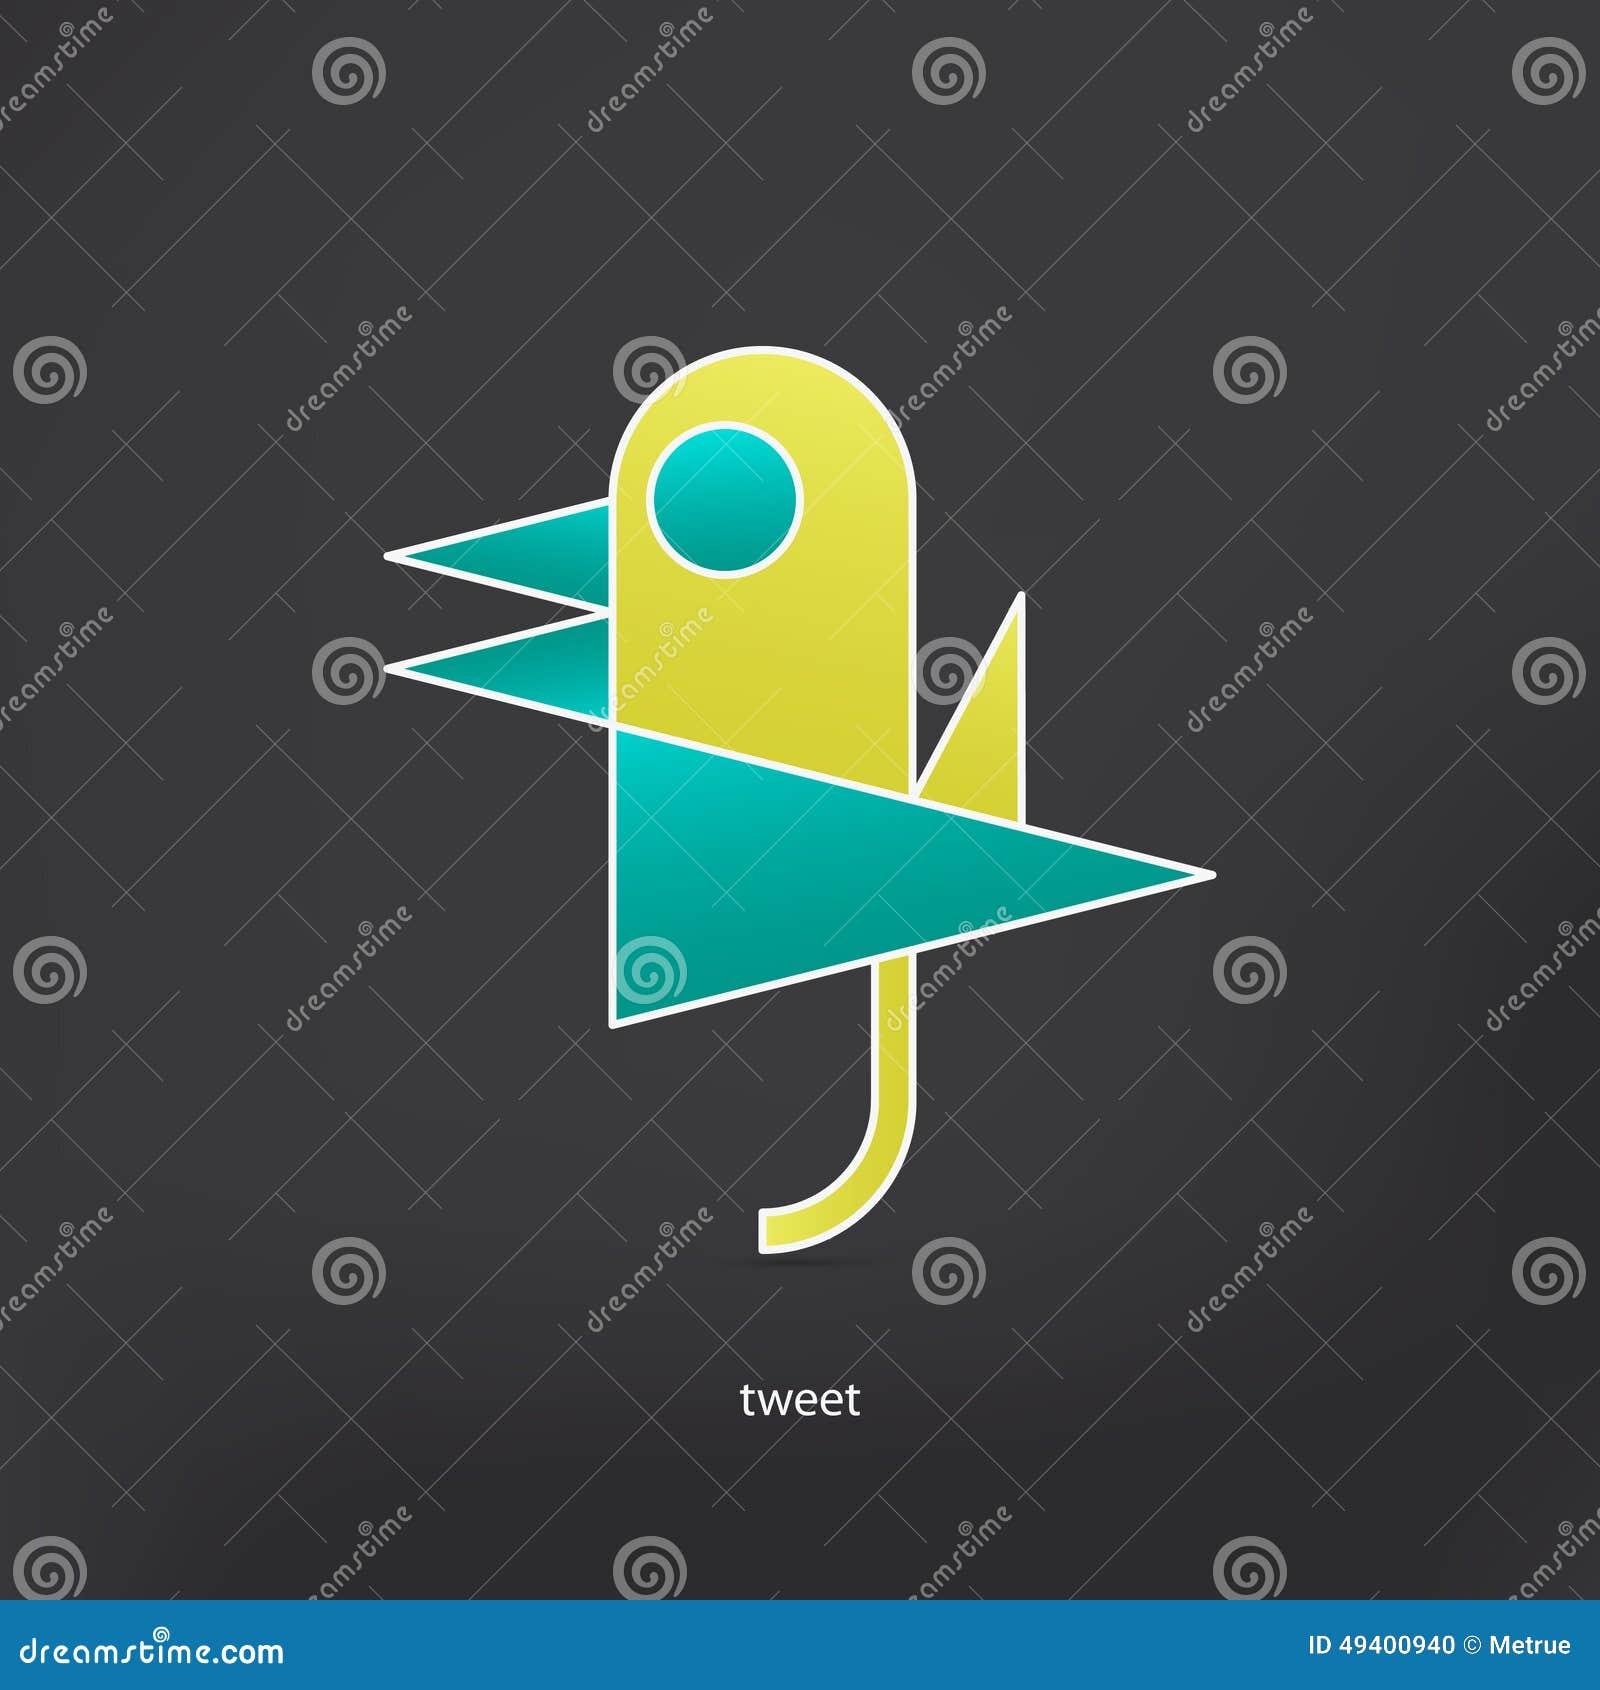 Download Pulcina vektor abbildung. Illustration von karte, kommunikation - 49400940